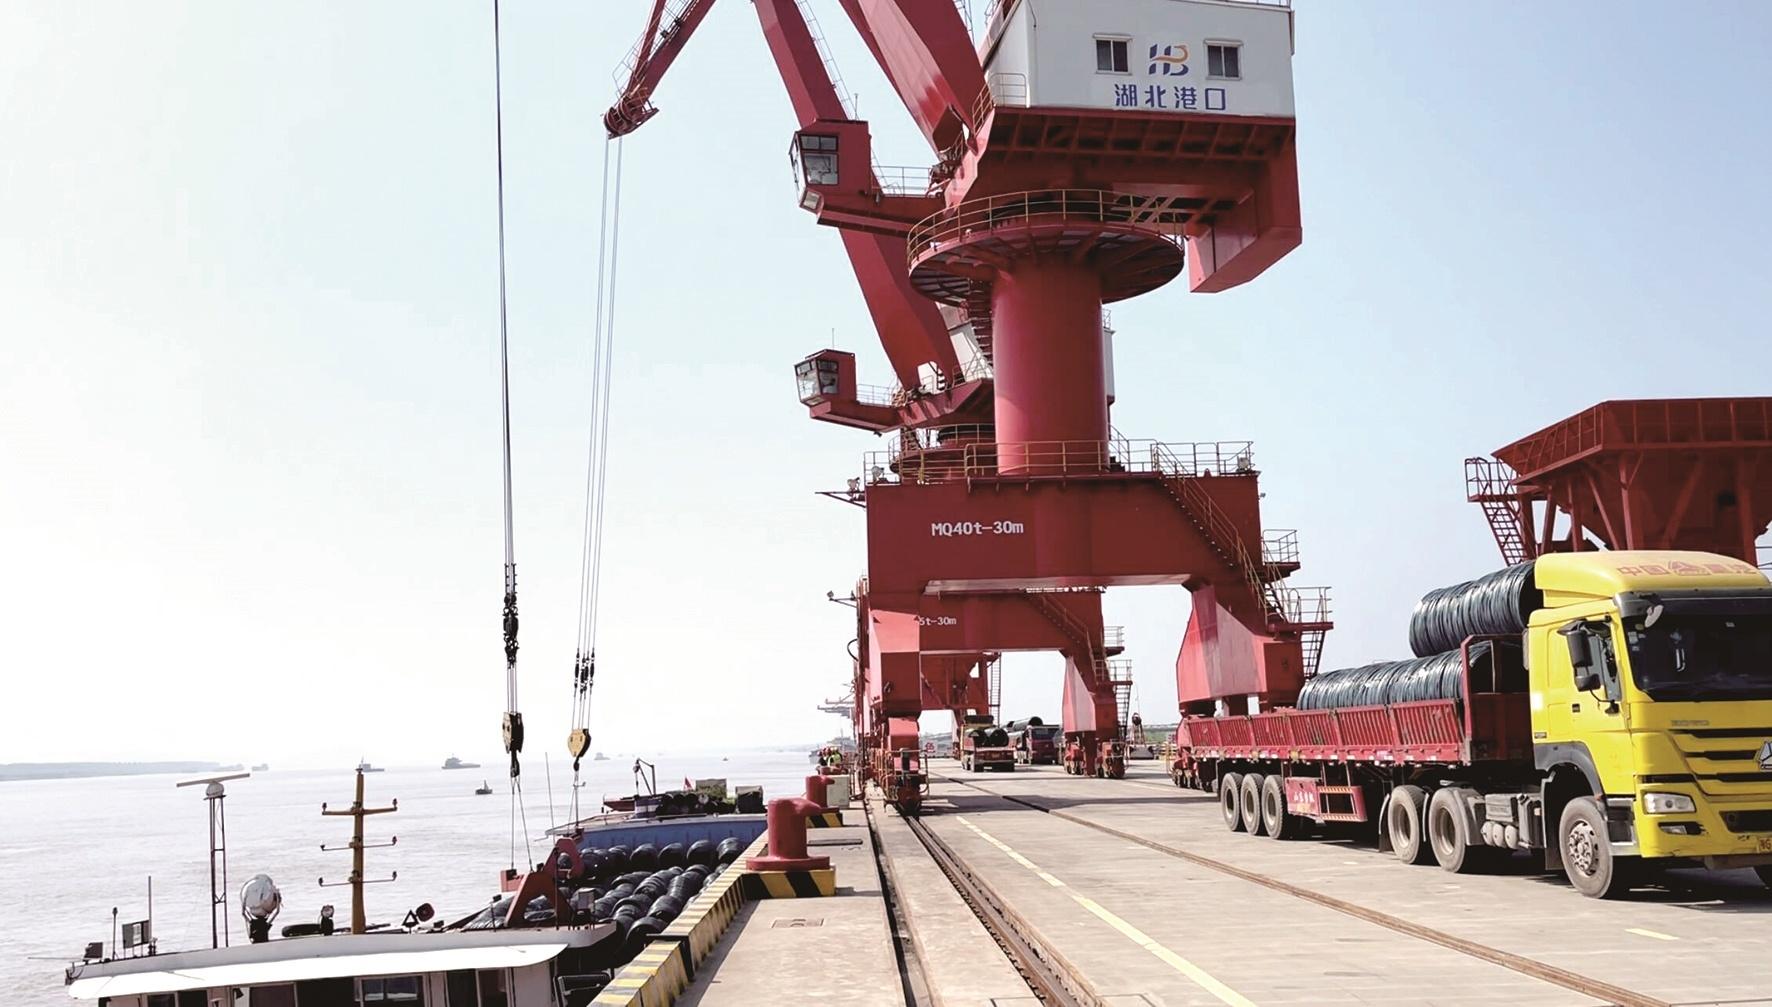 国内唯一水铁公空港区  鄂州三江港昨日投运